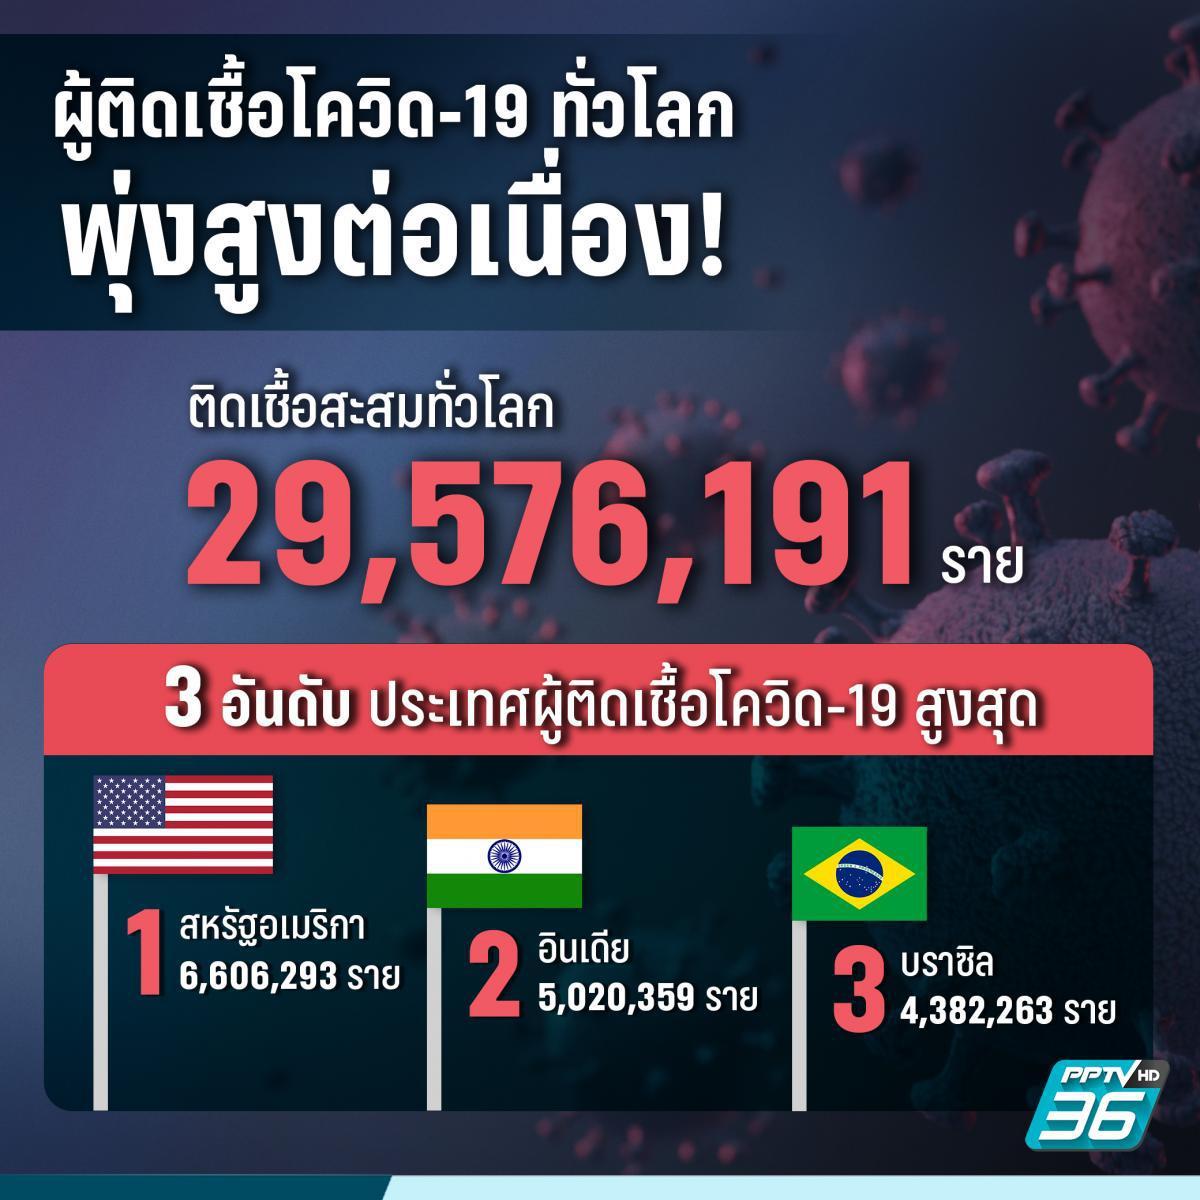 อัปเดต สถานการณ์โควิด-19 ทั้งในไทยและต่างประเทศทั่วโลก 16 ก.ย. 2563